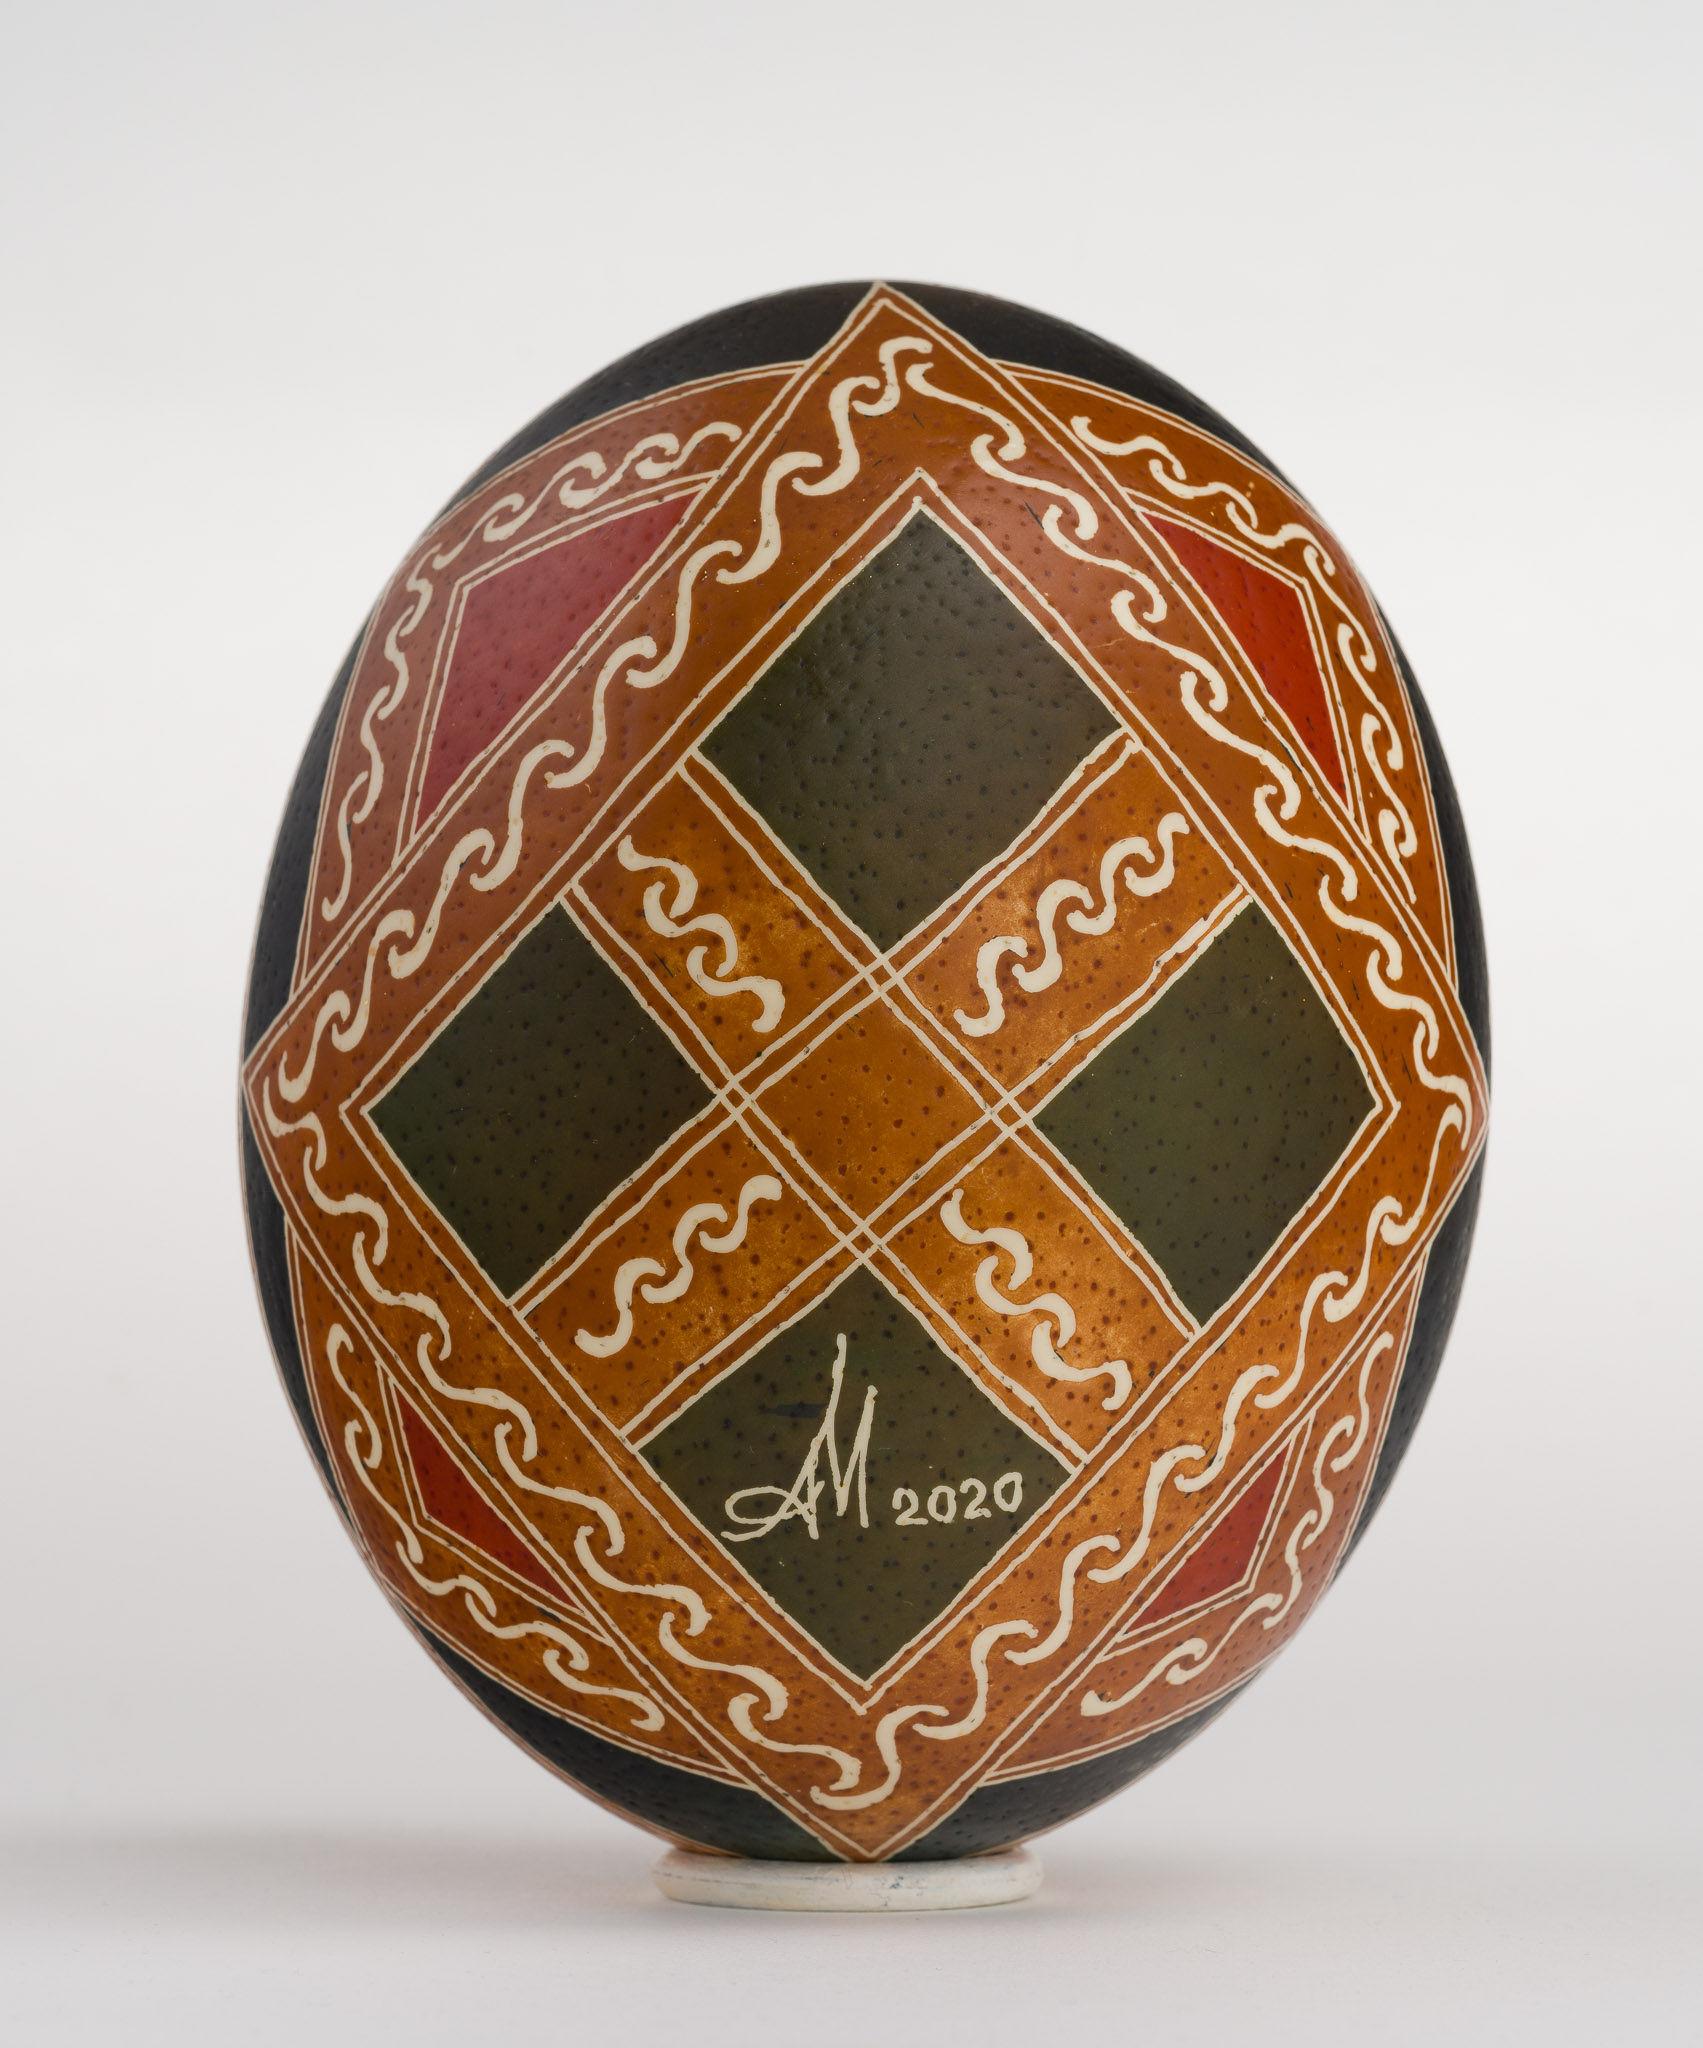 Icoană încondeiată pe ou de struț - Sfântul Gheorghe - maryando-128b.jpg